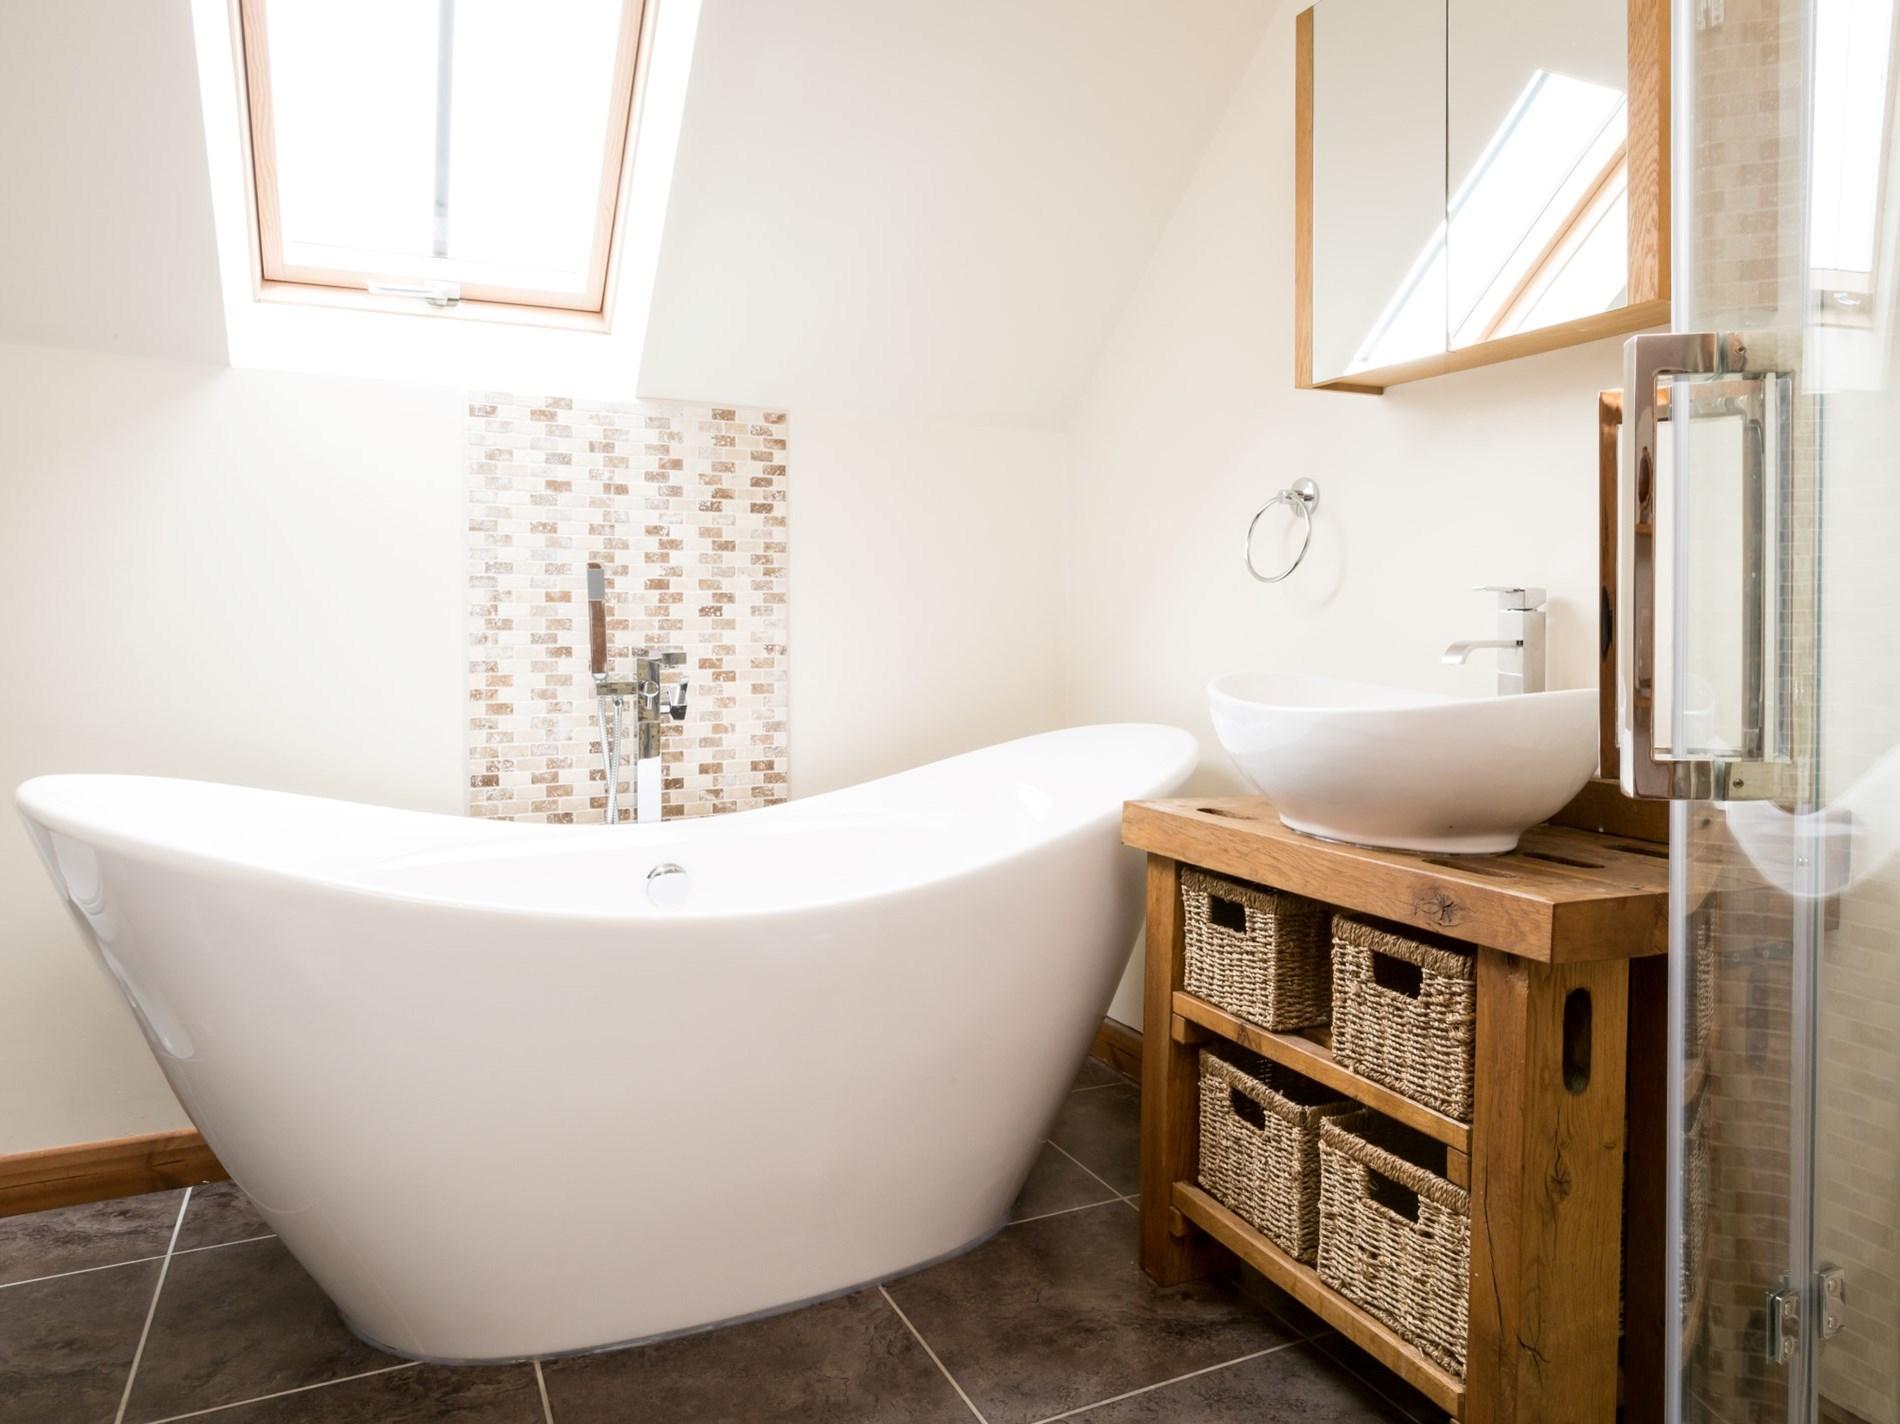 2 Bedroom Cottage in Leek, Heart of England